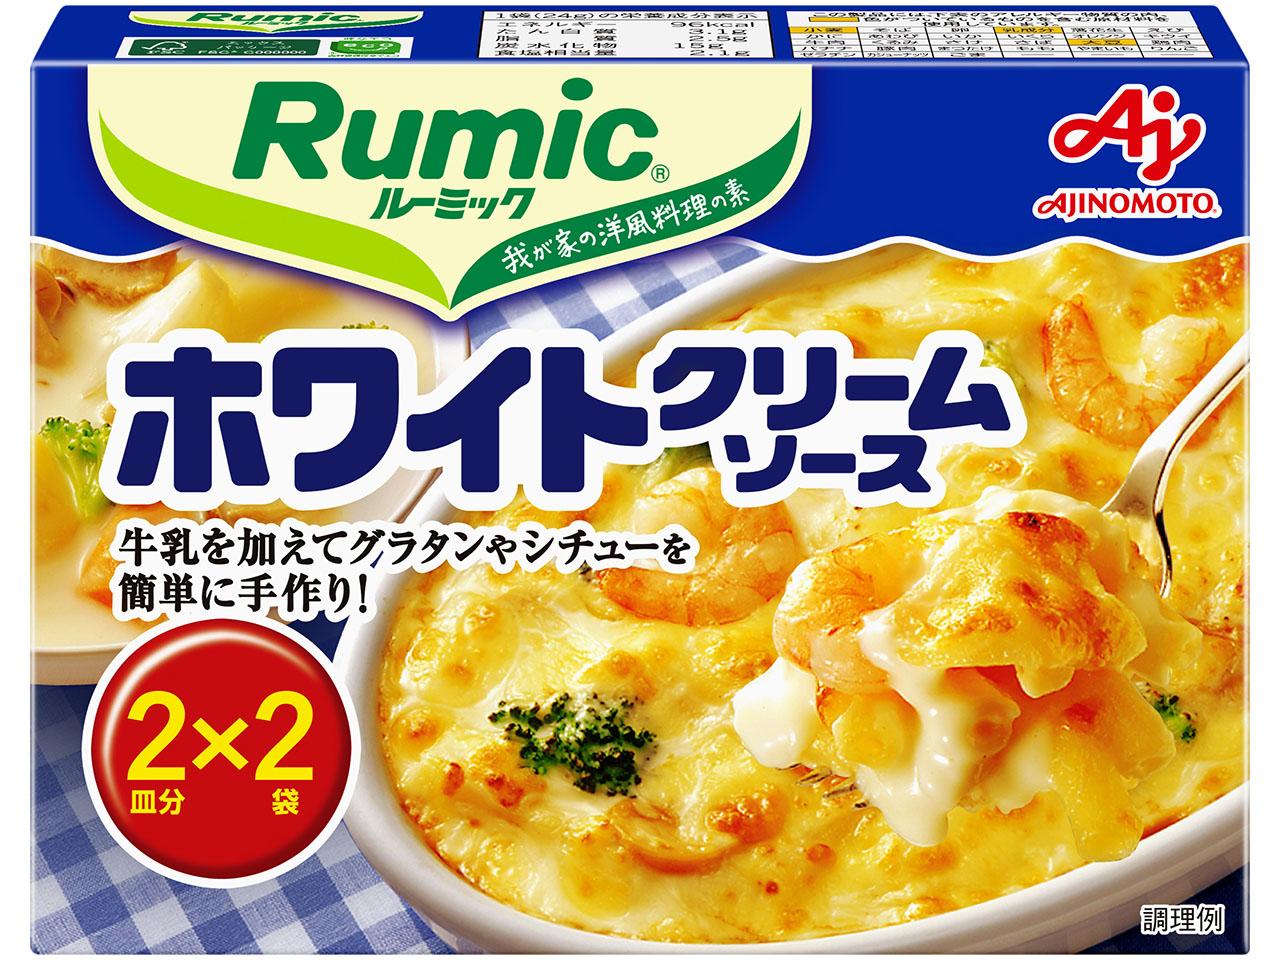 「Rumic」ホワイトクリームソース